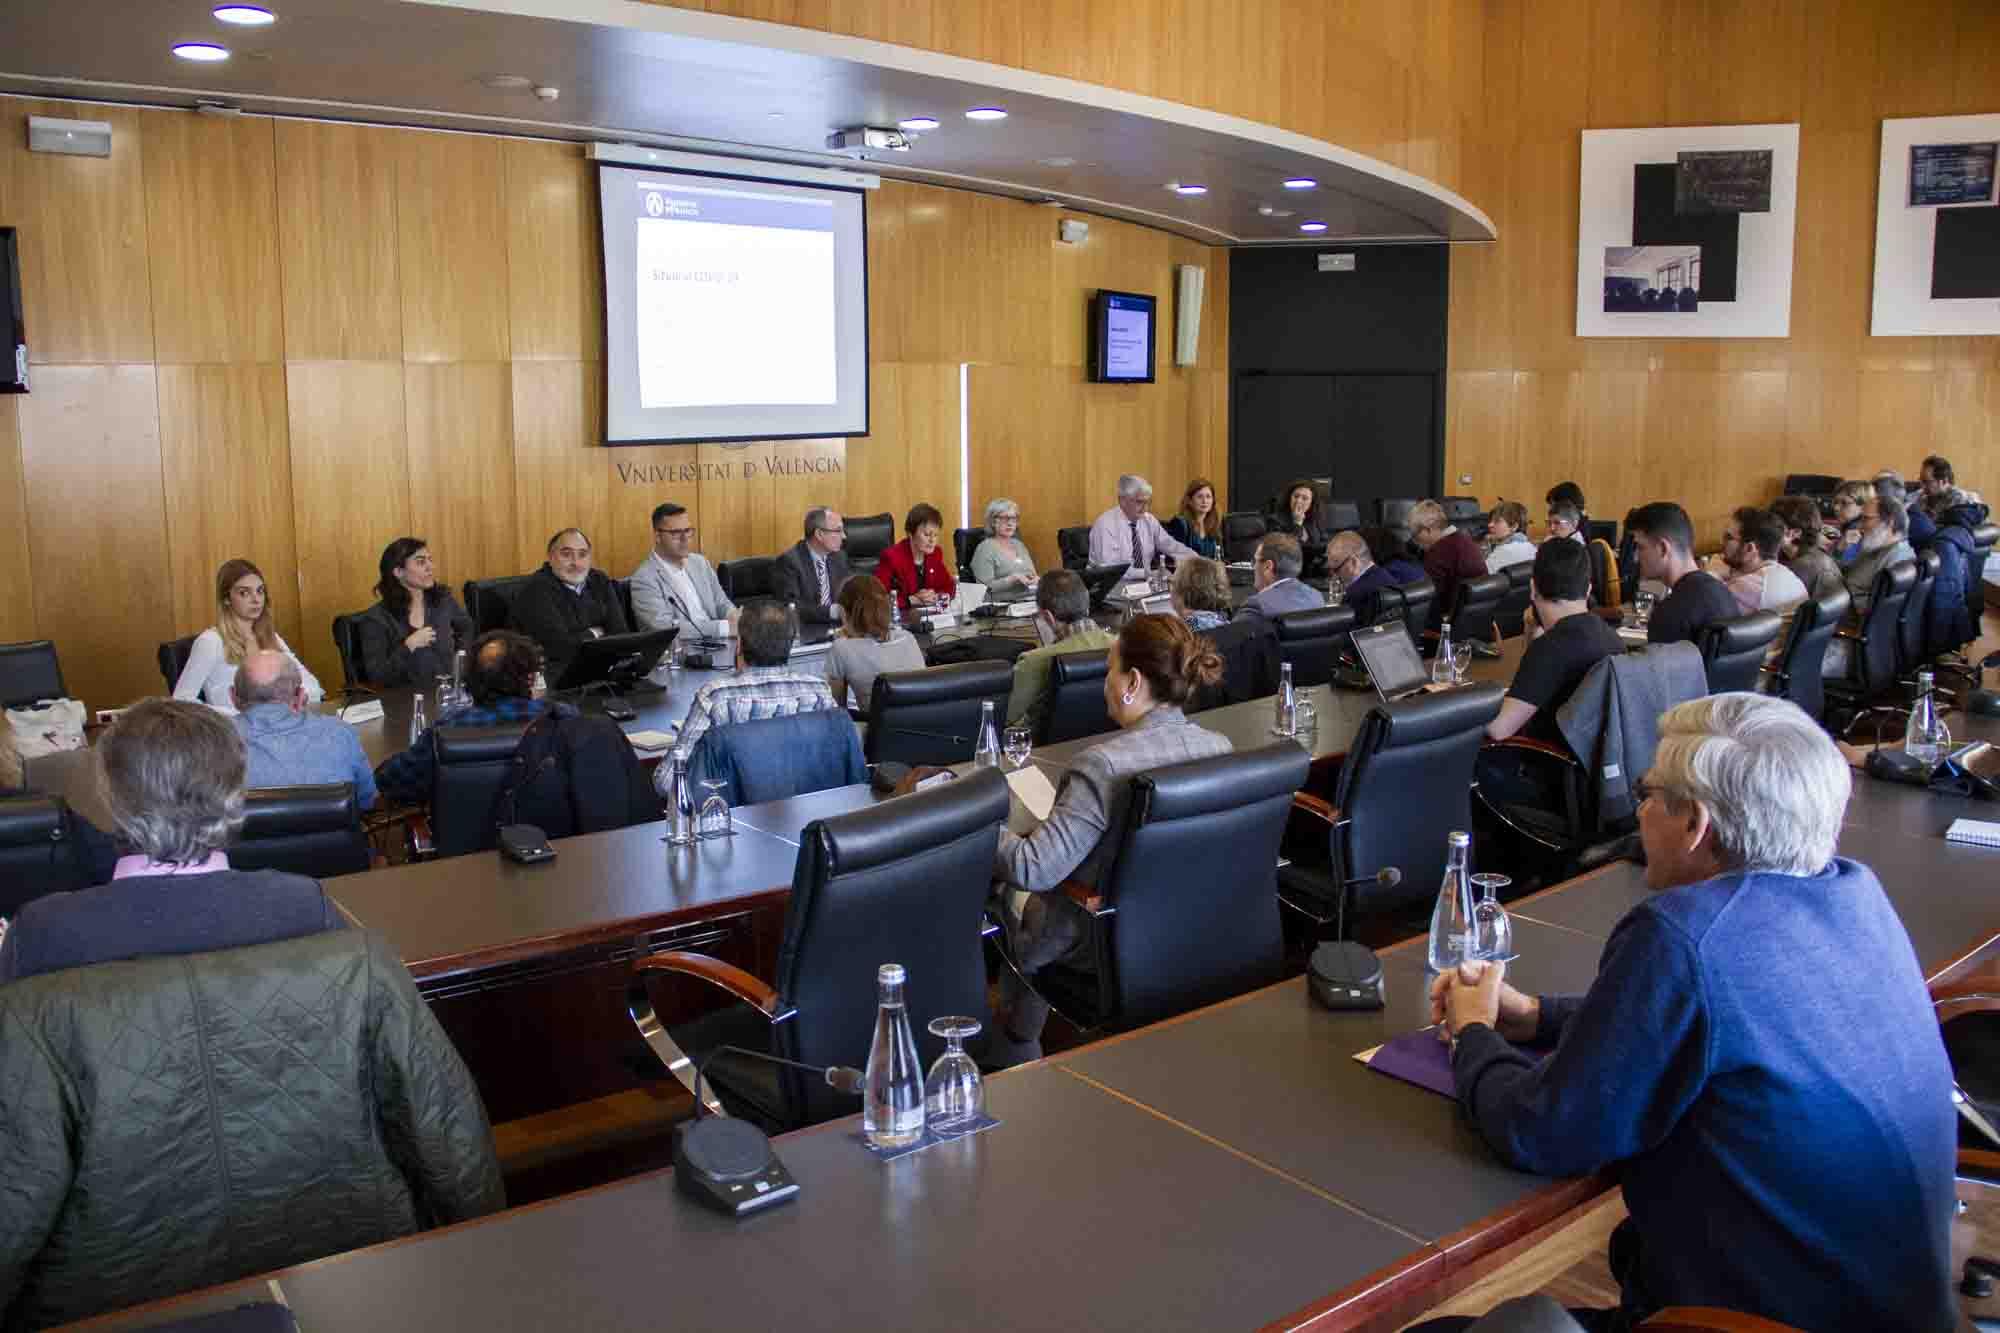 Suspensió d'activitats universitàries, des de dilluns 16 de març - imatge 0